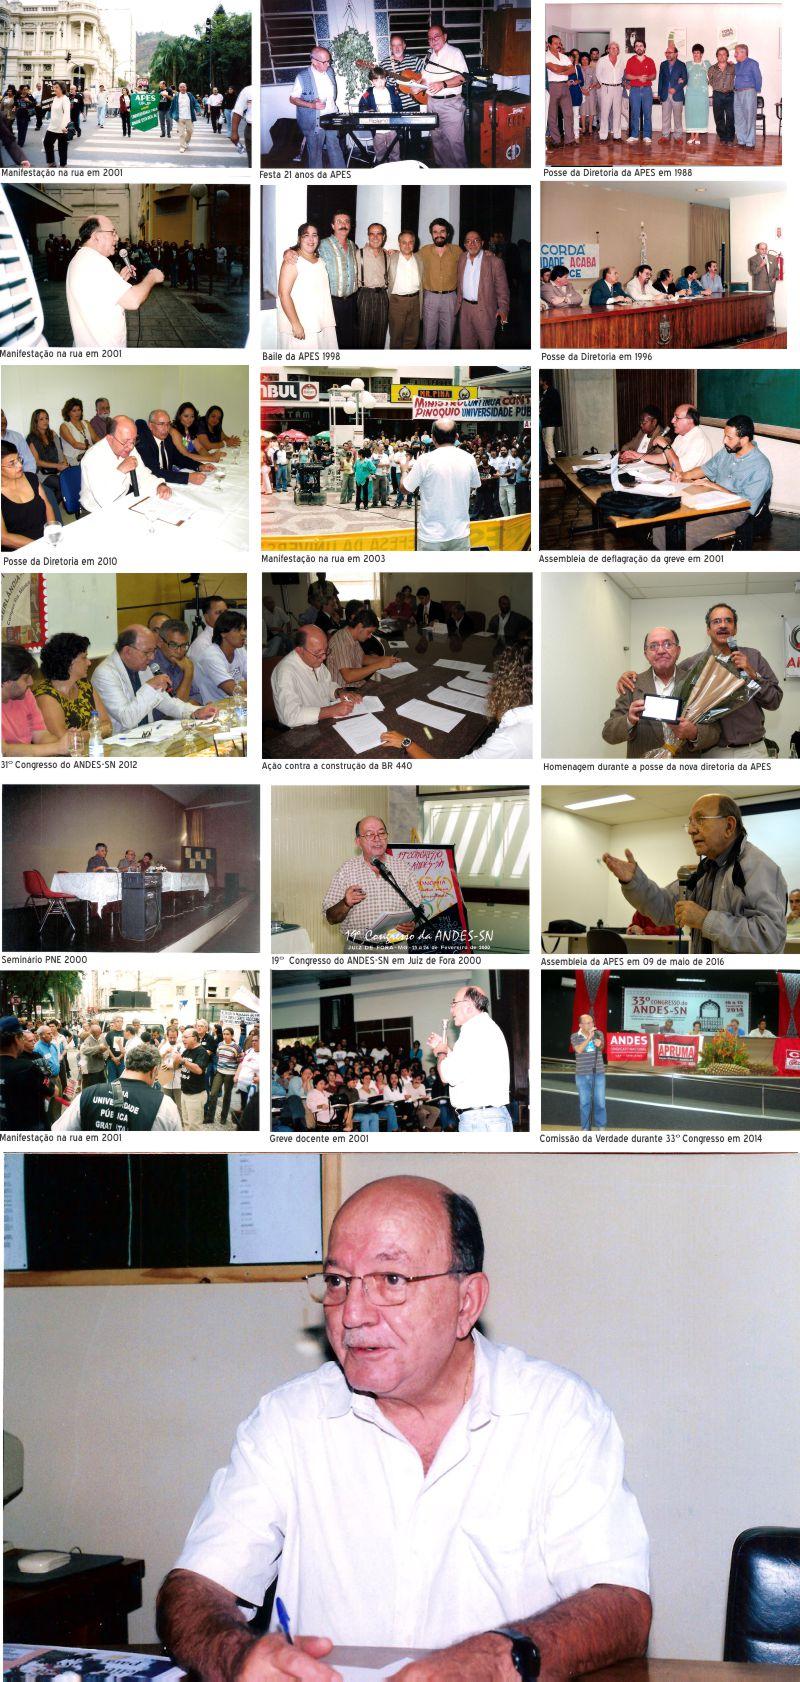 fotos Marcio antonio para web